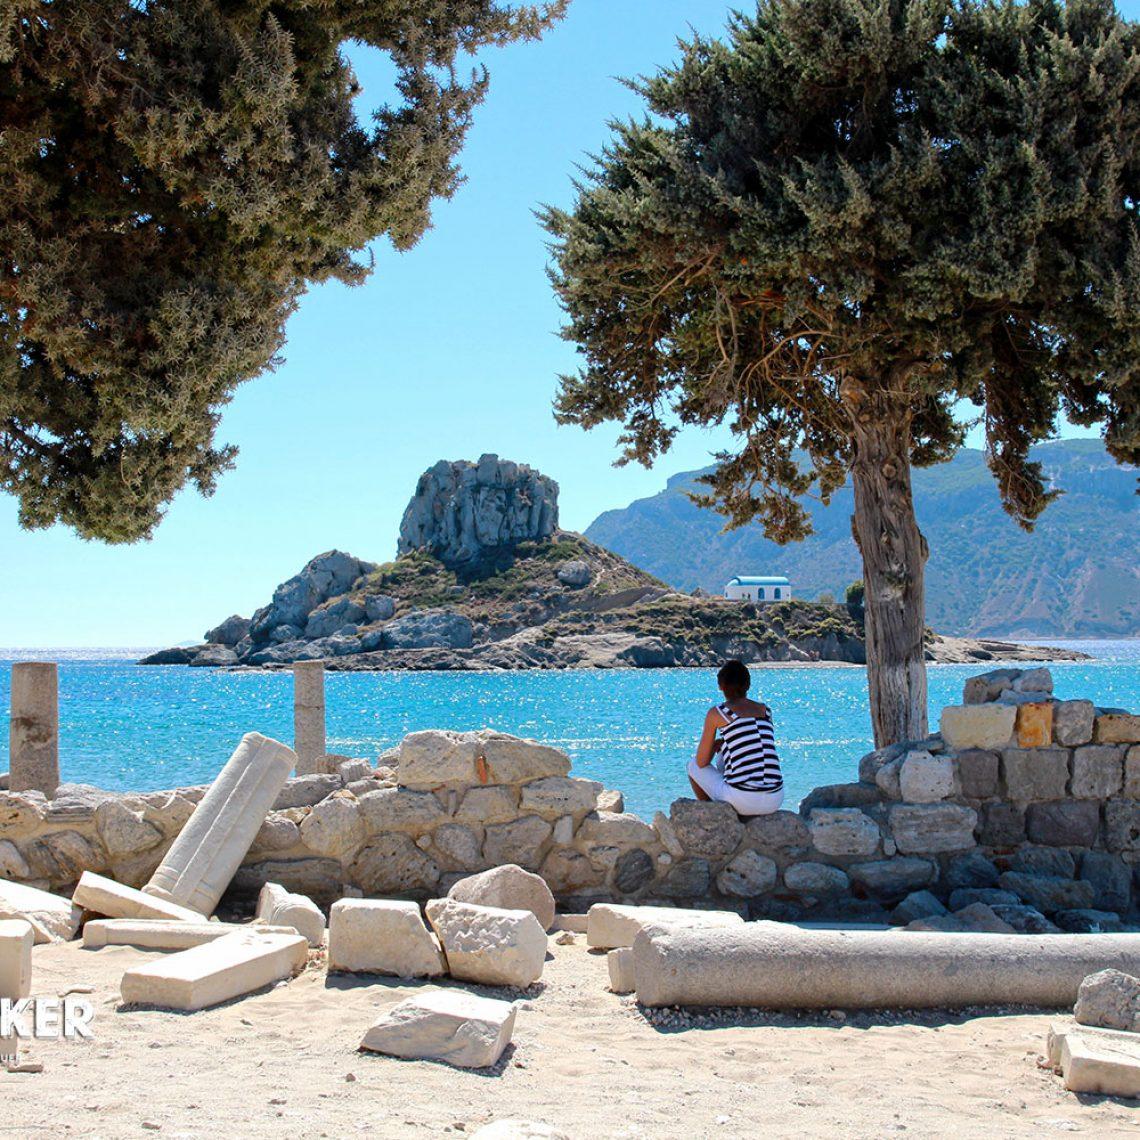 Da träumt nicht nur Aphrodite: herrlicher Blick von der Agios Stefanos auf die unbewohnte Insel Kastri.